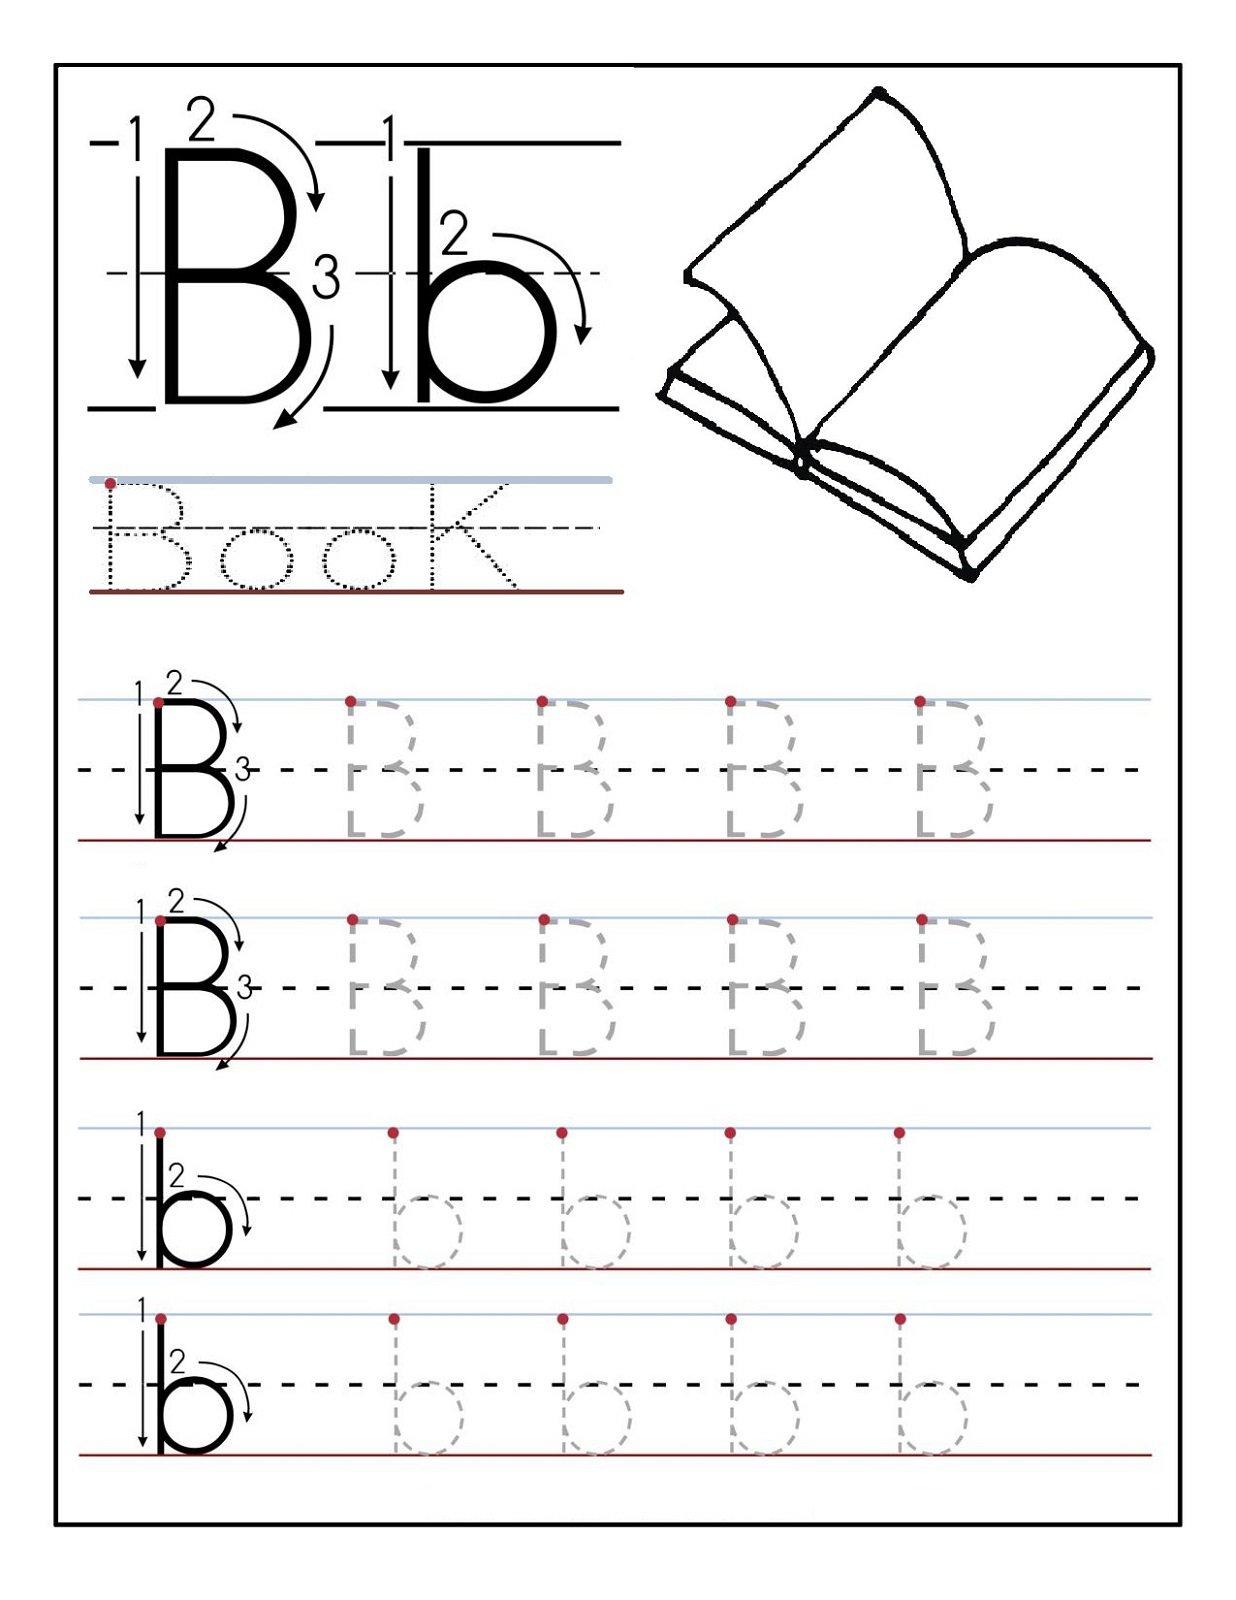 Worksheets For Preschool Alphabet The Best Worksheets Image